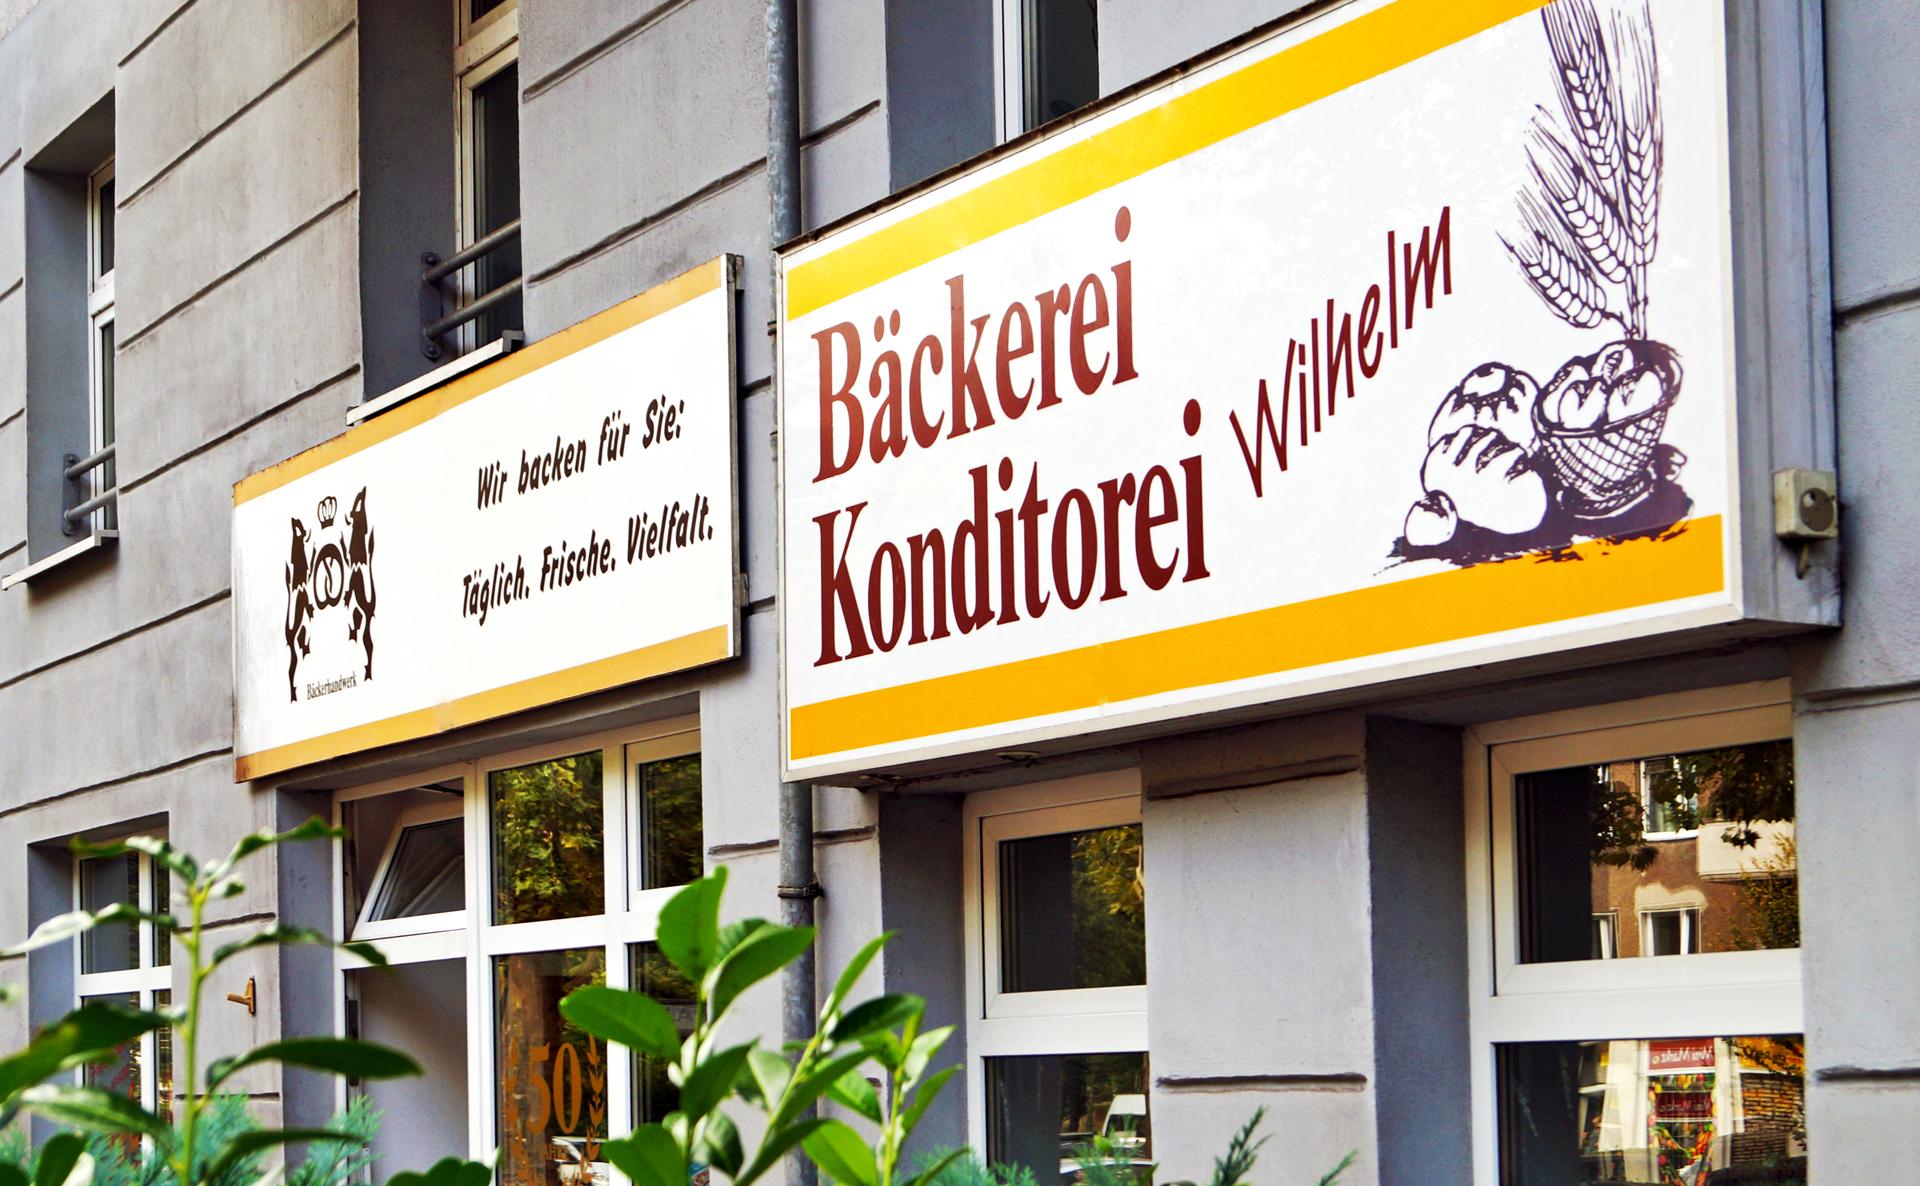 Bäckerei und Konditorei Wilhelm - Kissingenstr. 4